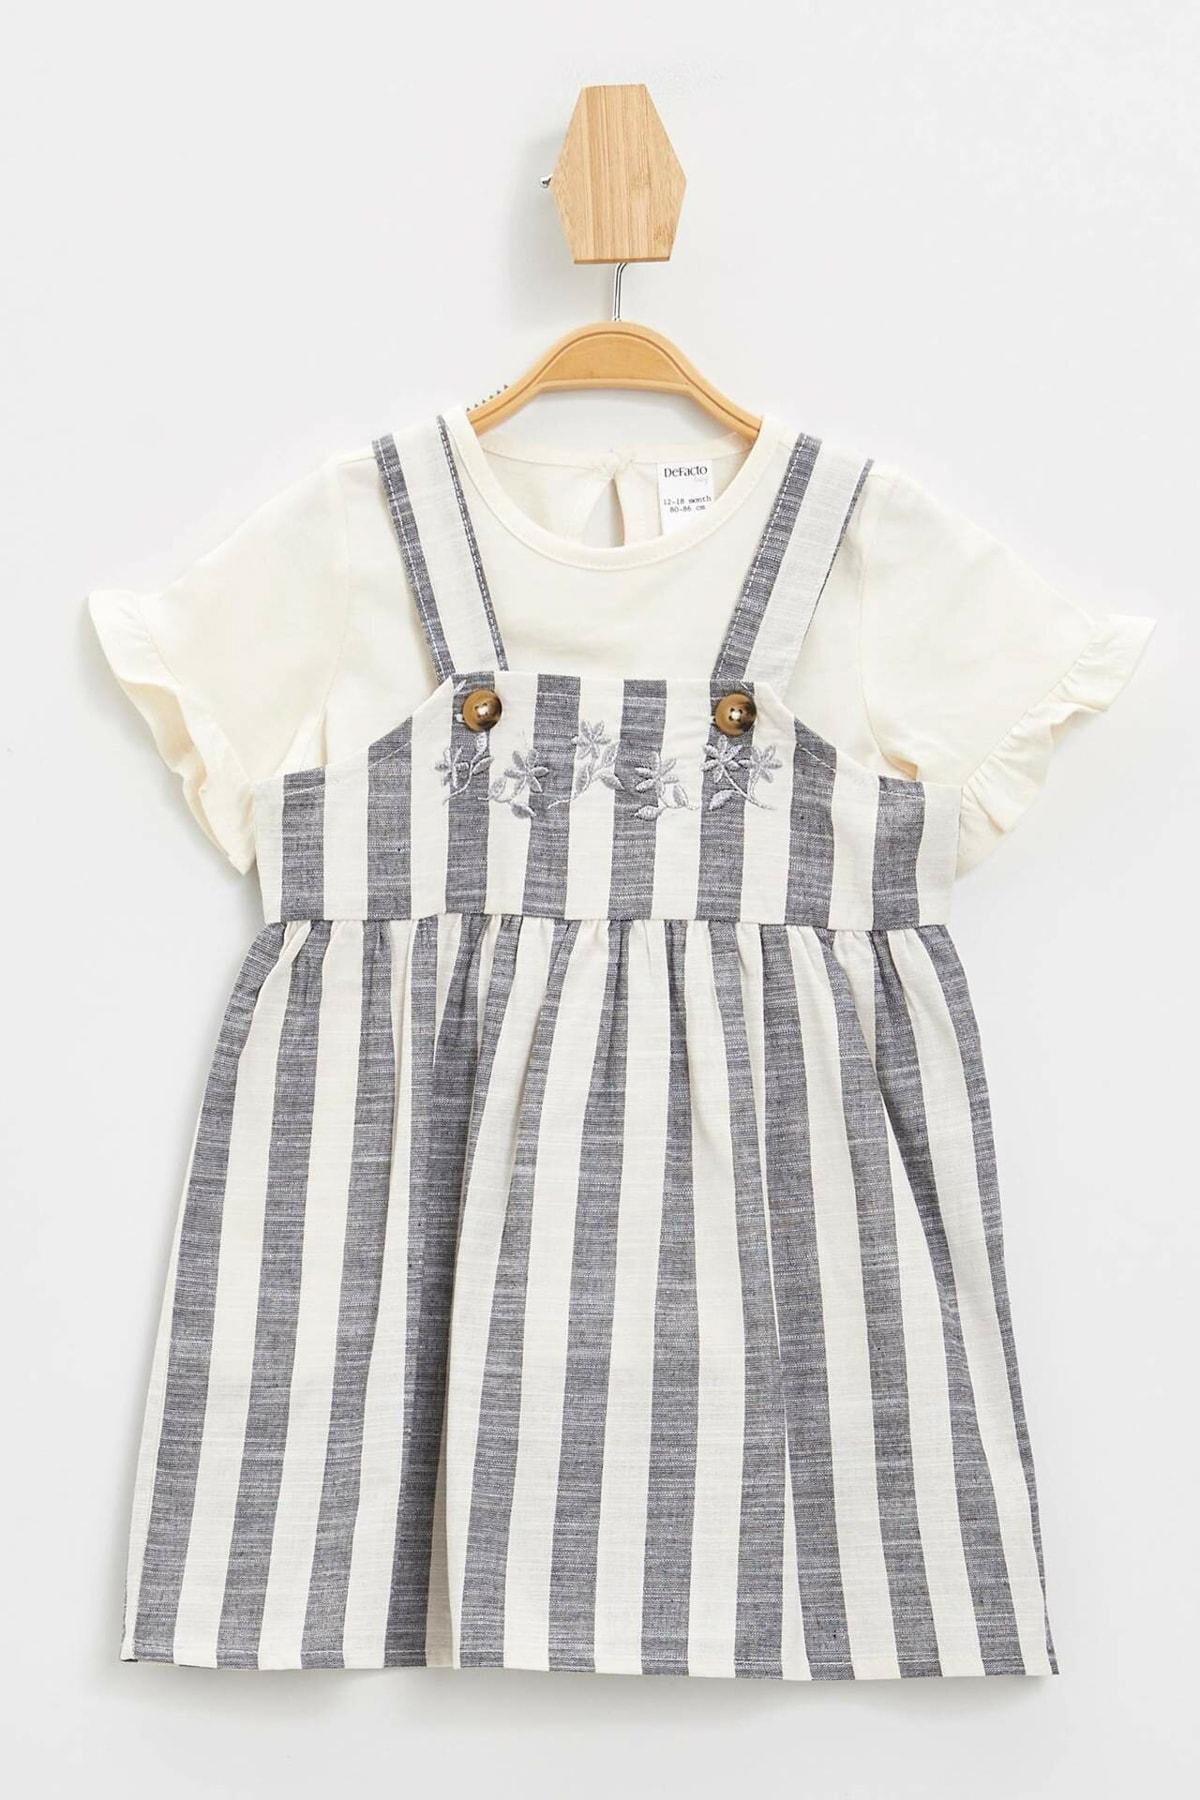 Kız Bebek Simli Nakış Baskılı Tişört Elbise Takım